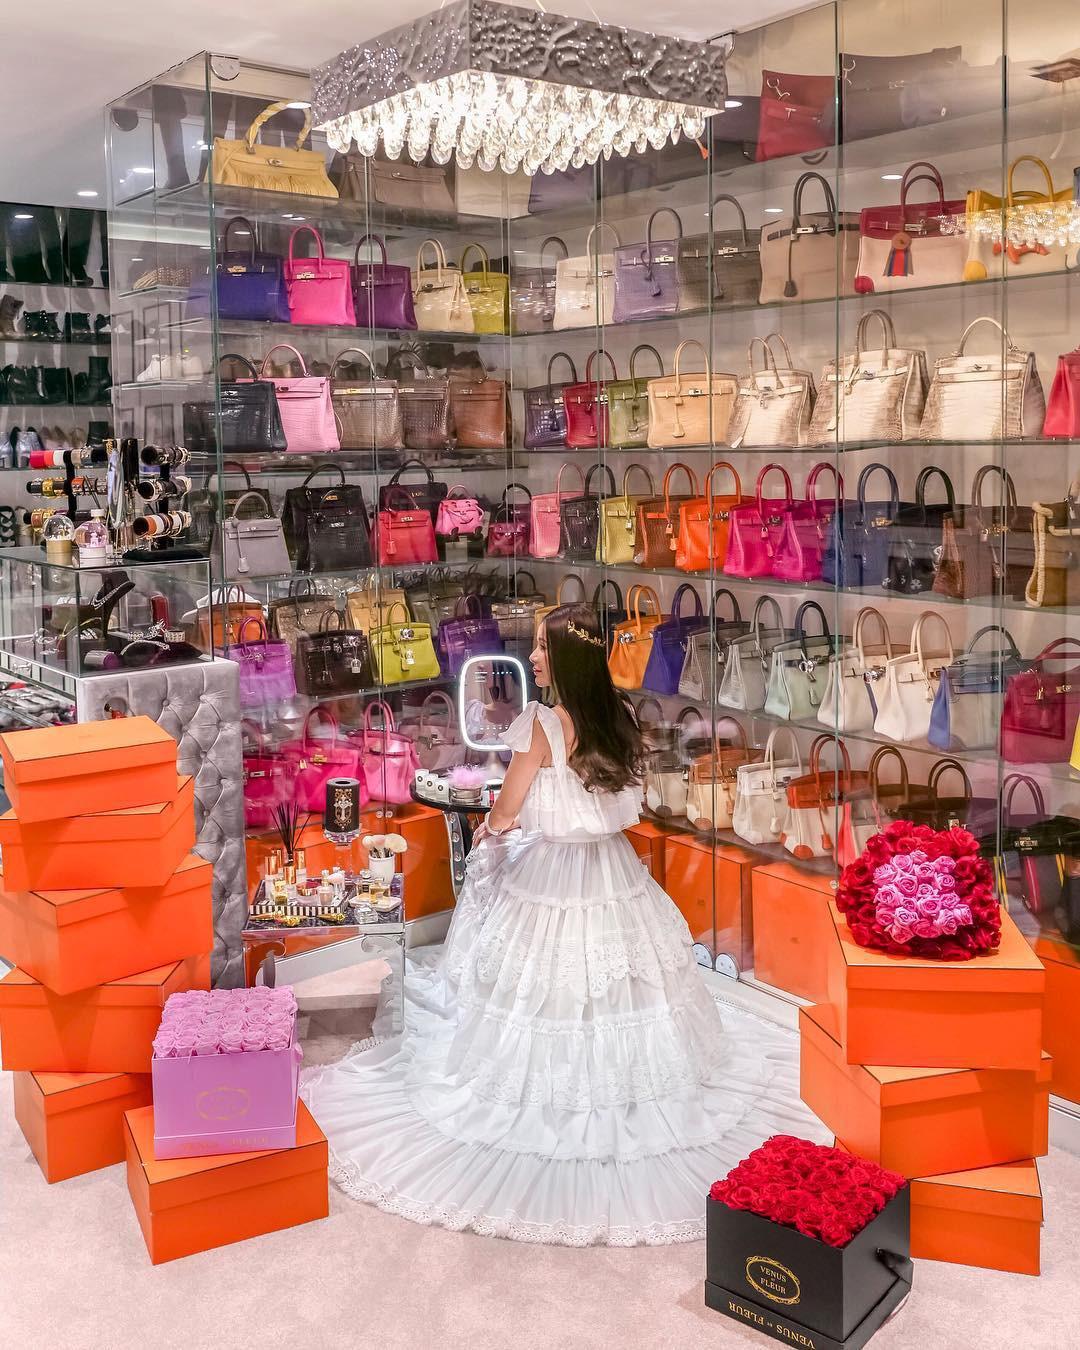 Choáng ngợp với phòng để đồ rộng bằng căn hộ với bảo mật vân tay, chứa 200 túi Hermes, 300 đôi giày và cả núi đồ hiệu xa xỉ của bà hoàng thời trang Singapore - Ảnh 2.